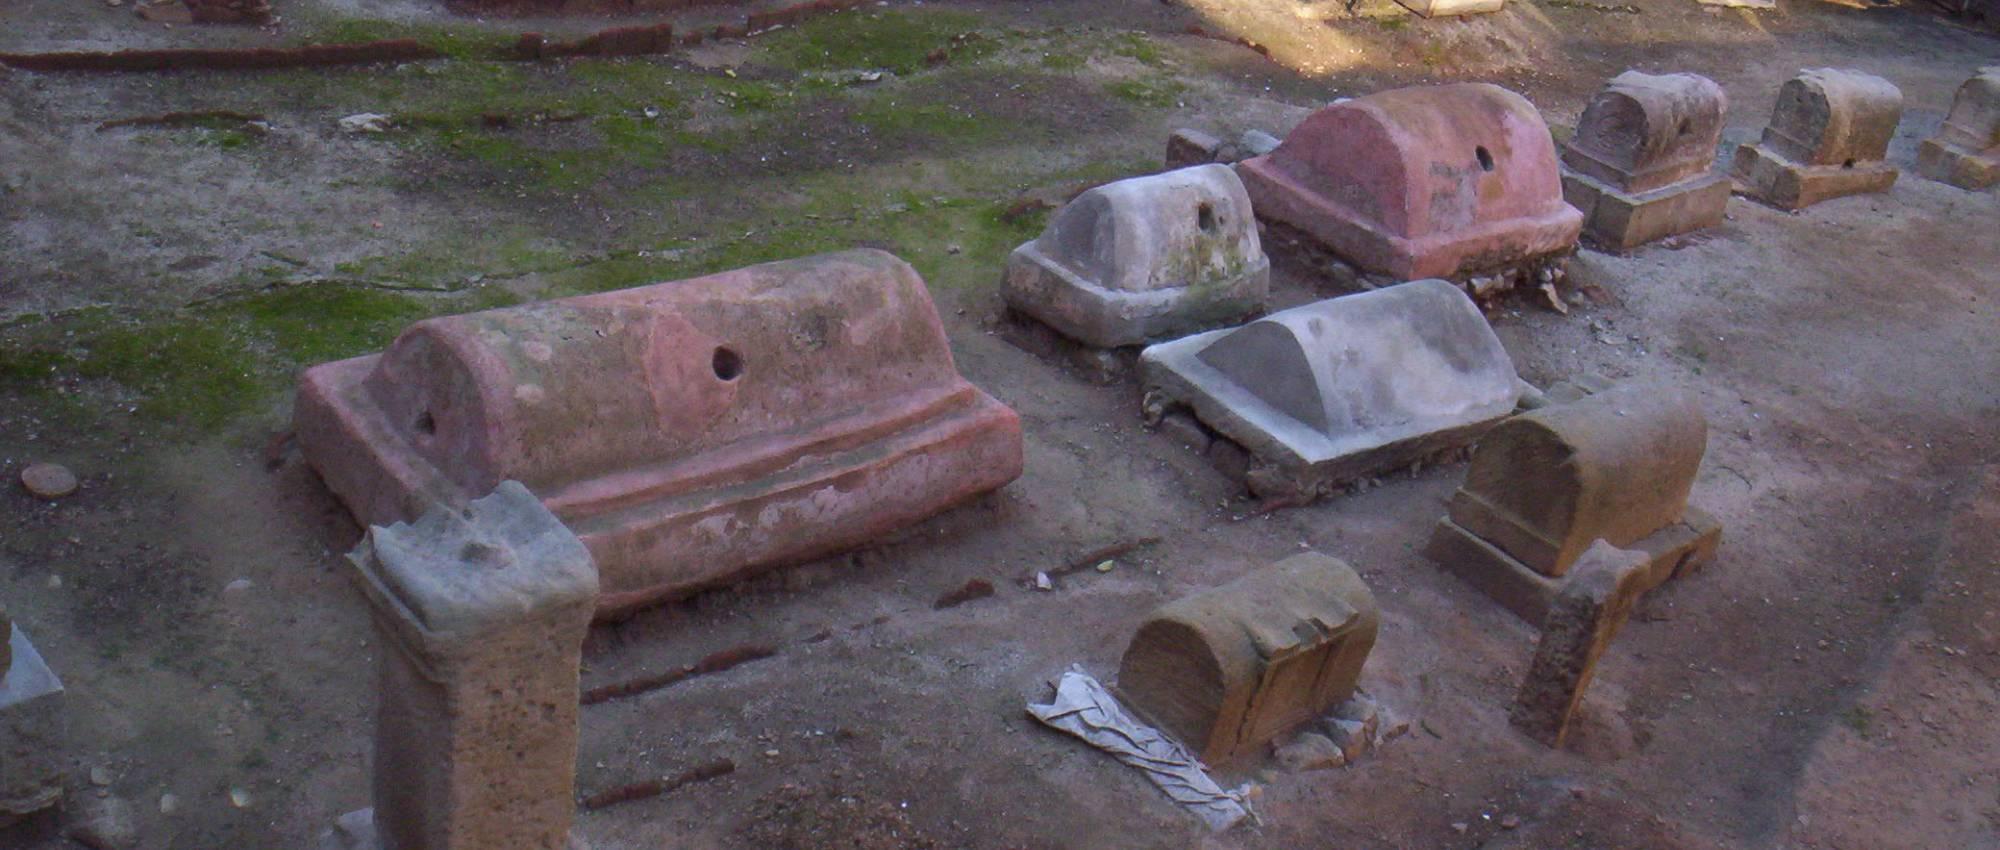 Fotografia de l'antiga necròpolis romana a Barcino. Àlex / Wikimedia Commons. CC BY-SA 2.5